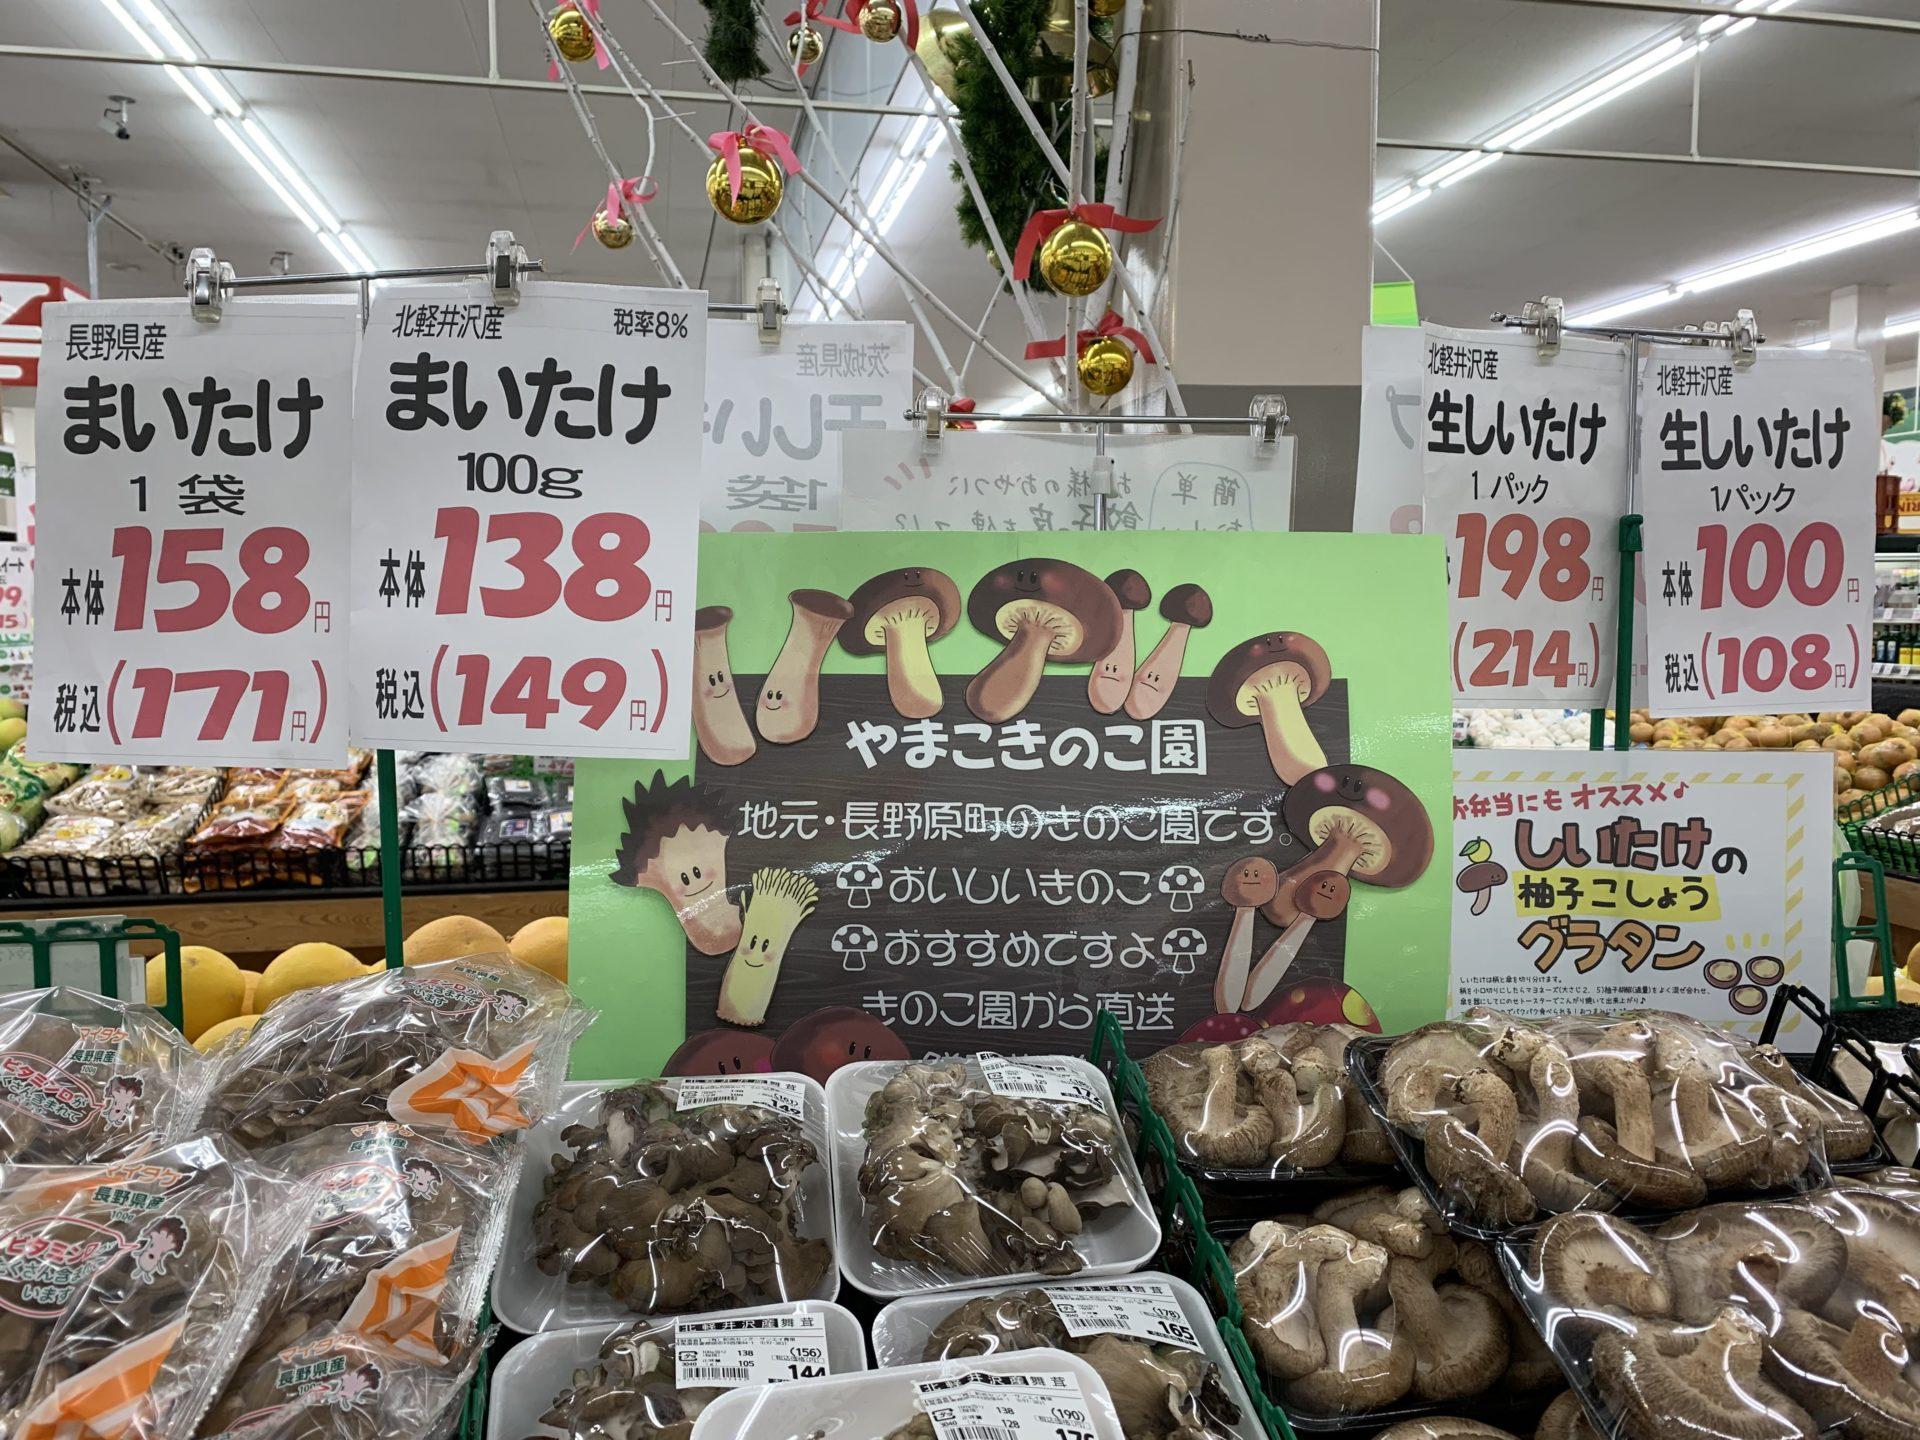 卸売センター「サンエイ」店内では北軽井沢のキノコややまきのこ園のマイタケを販売中